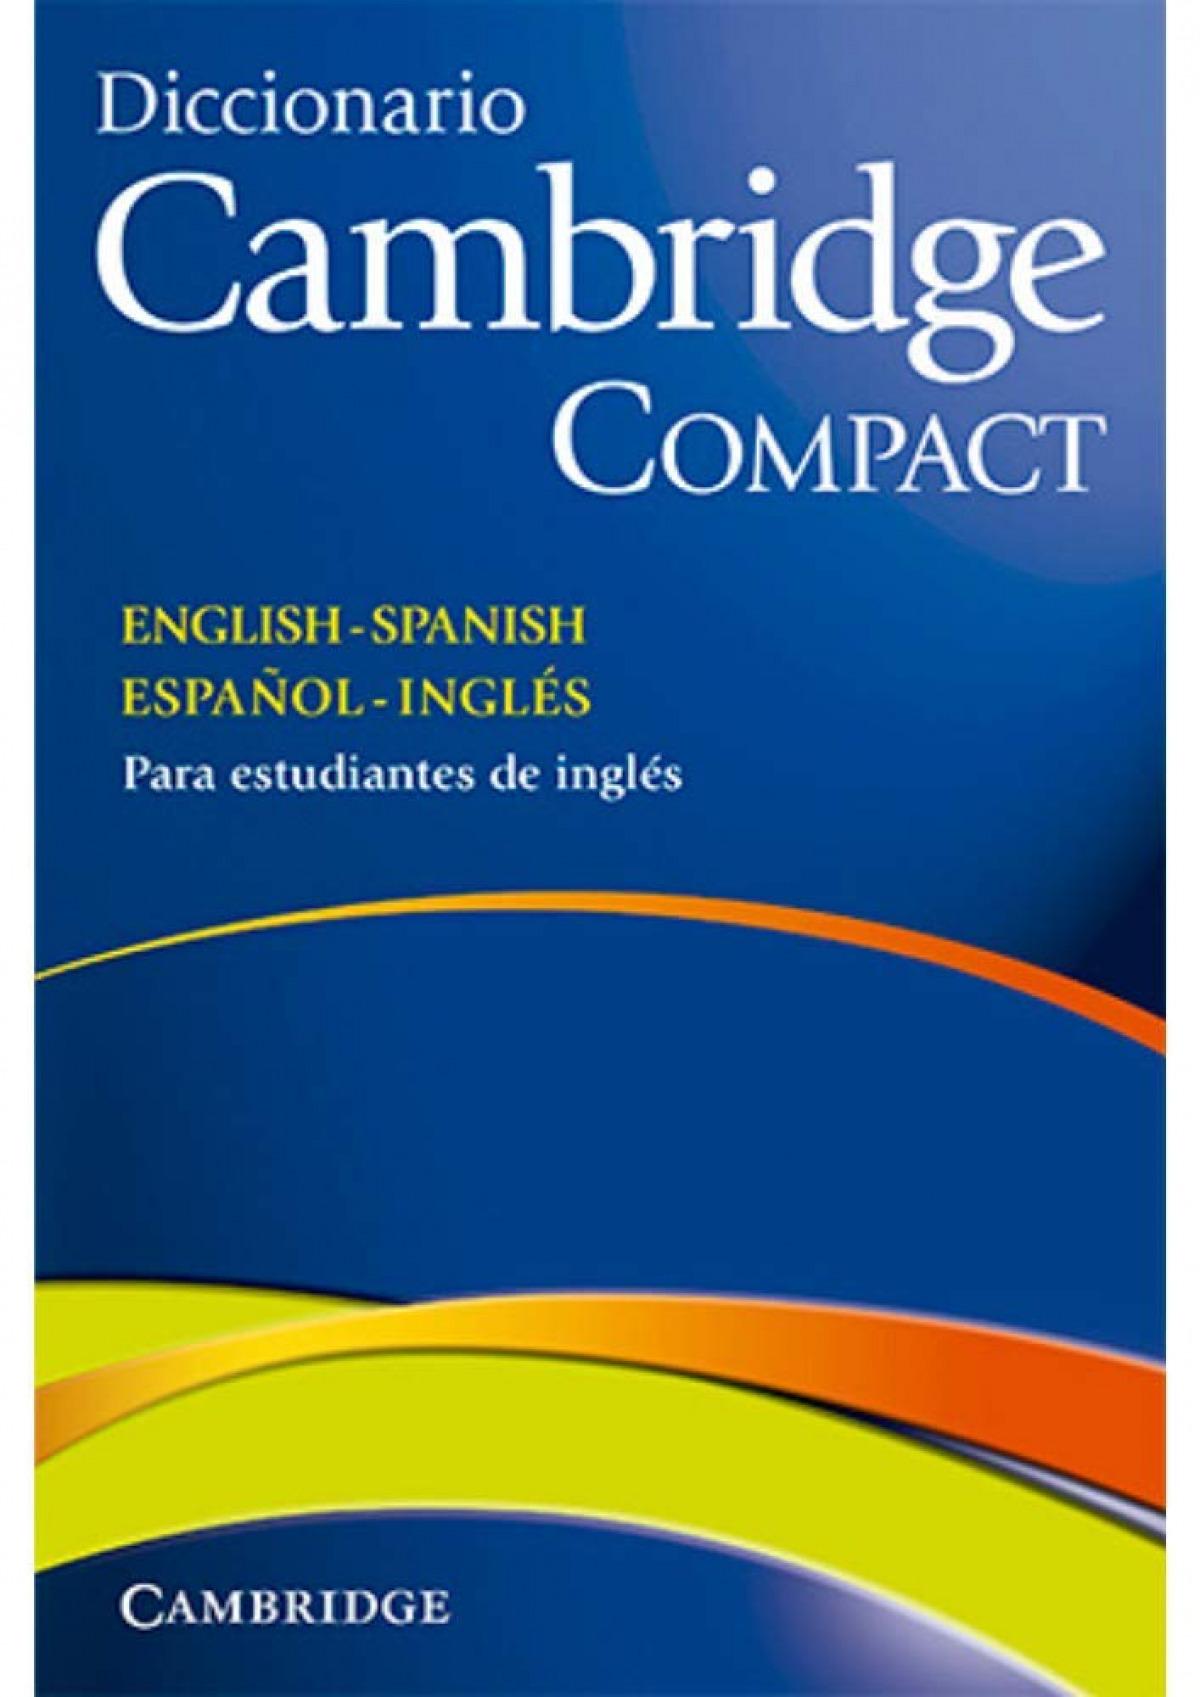 Diccionario compact Inglés/Español 9788483234754